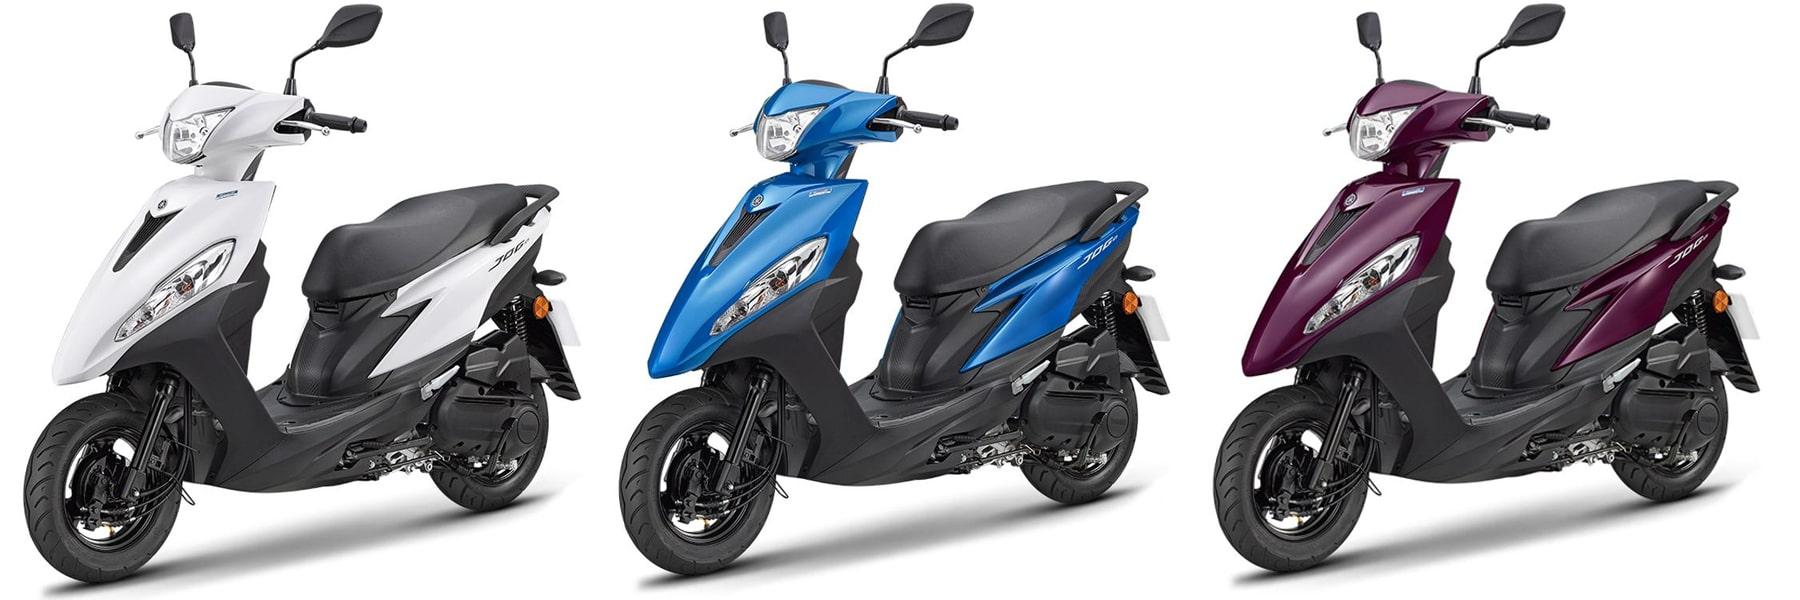 ยามาฮ่า Jog 125 2021 สีขาว, สีน้ำเงินและสีม่วง